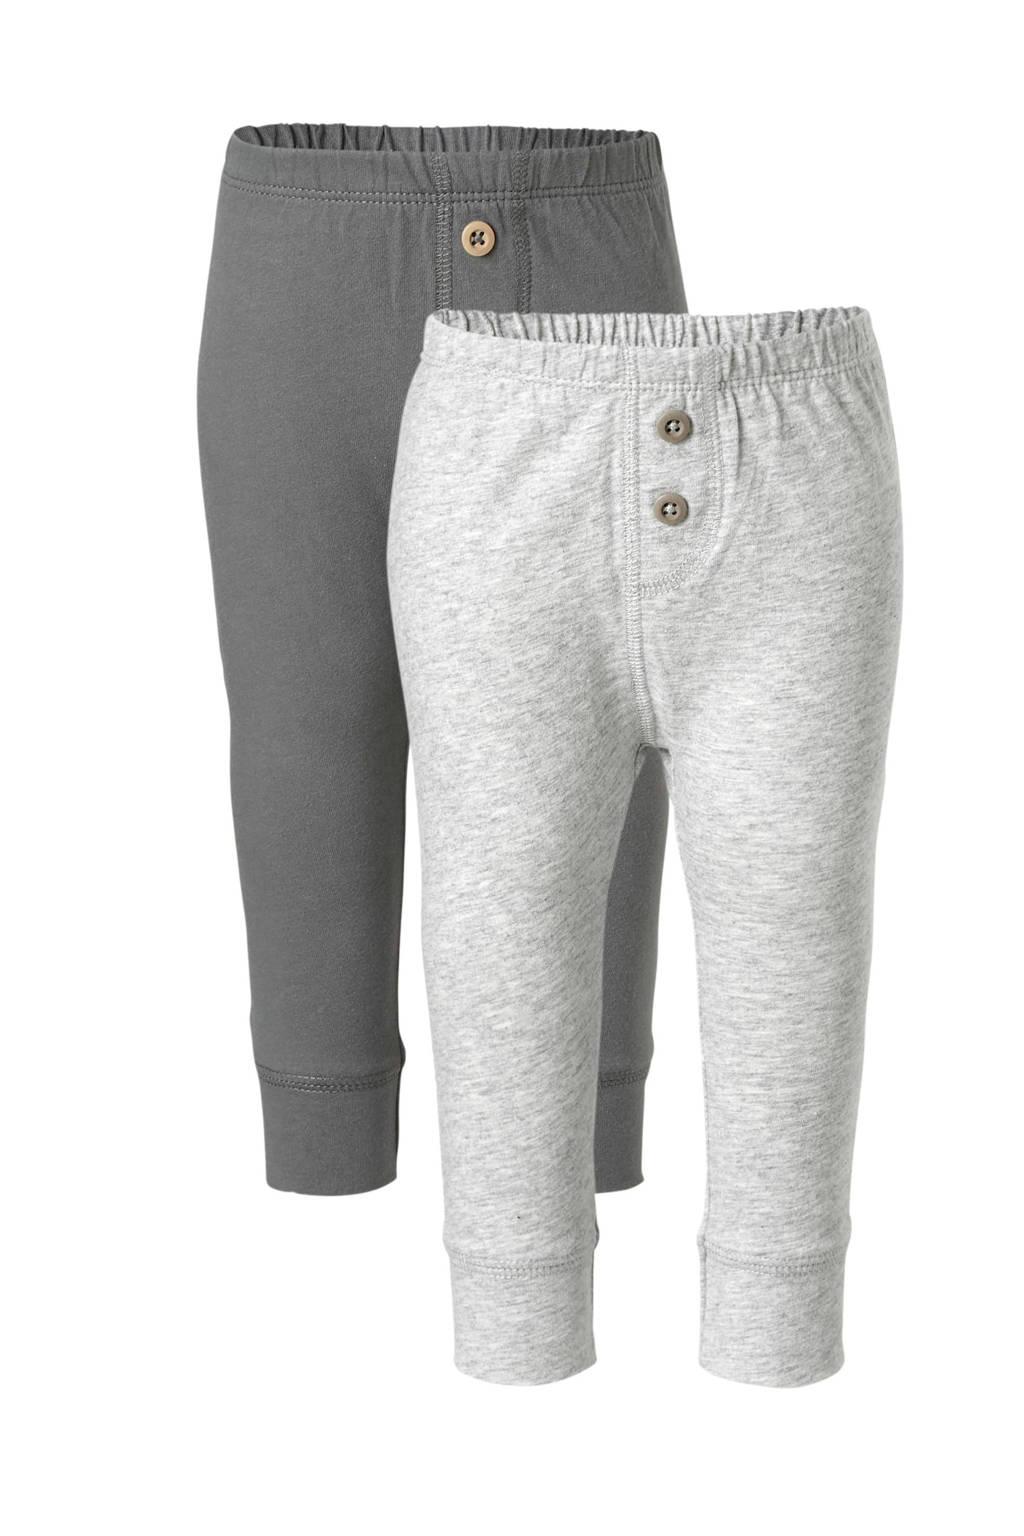 Carter's broek - set van 2 grijs, Grijs/lichtgrijs